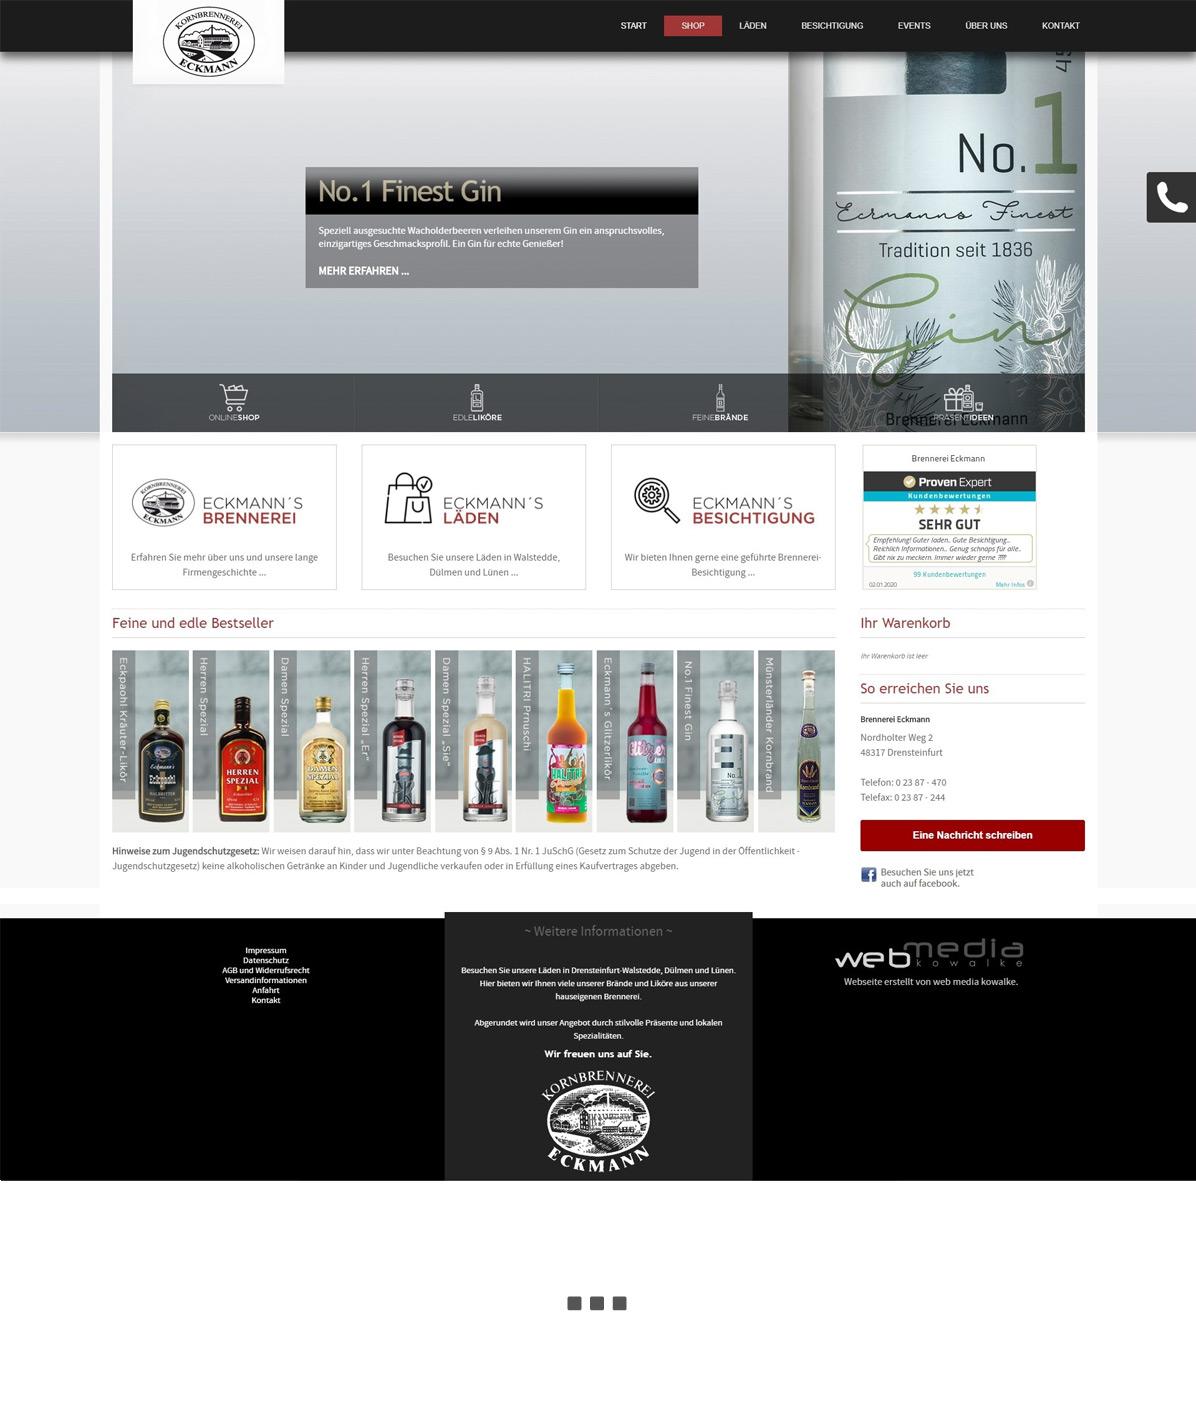 Neuer Online-Shop für Brennerei